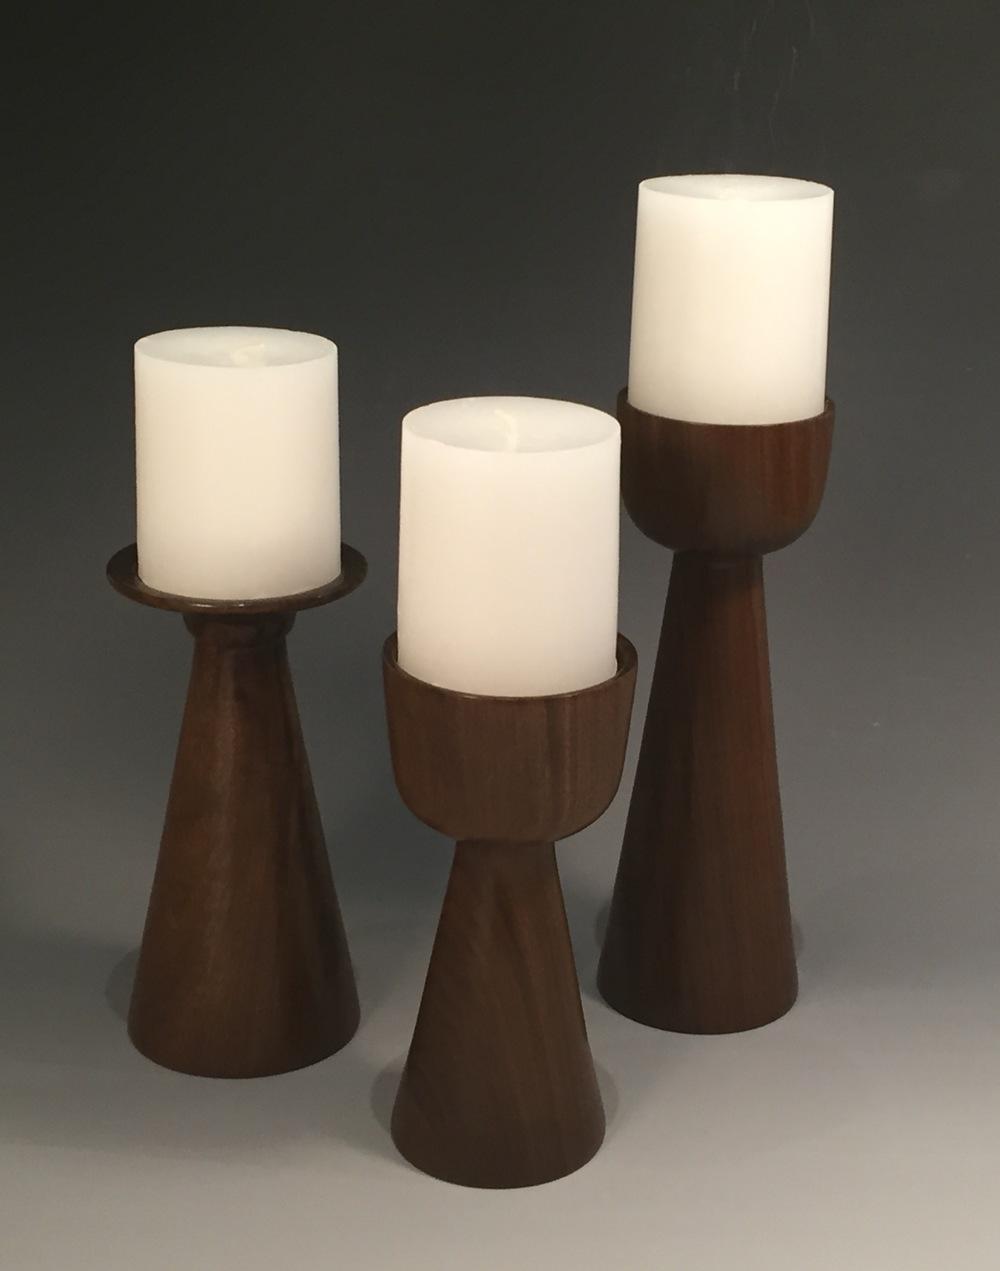 Epo wood candlesticks.